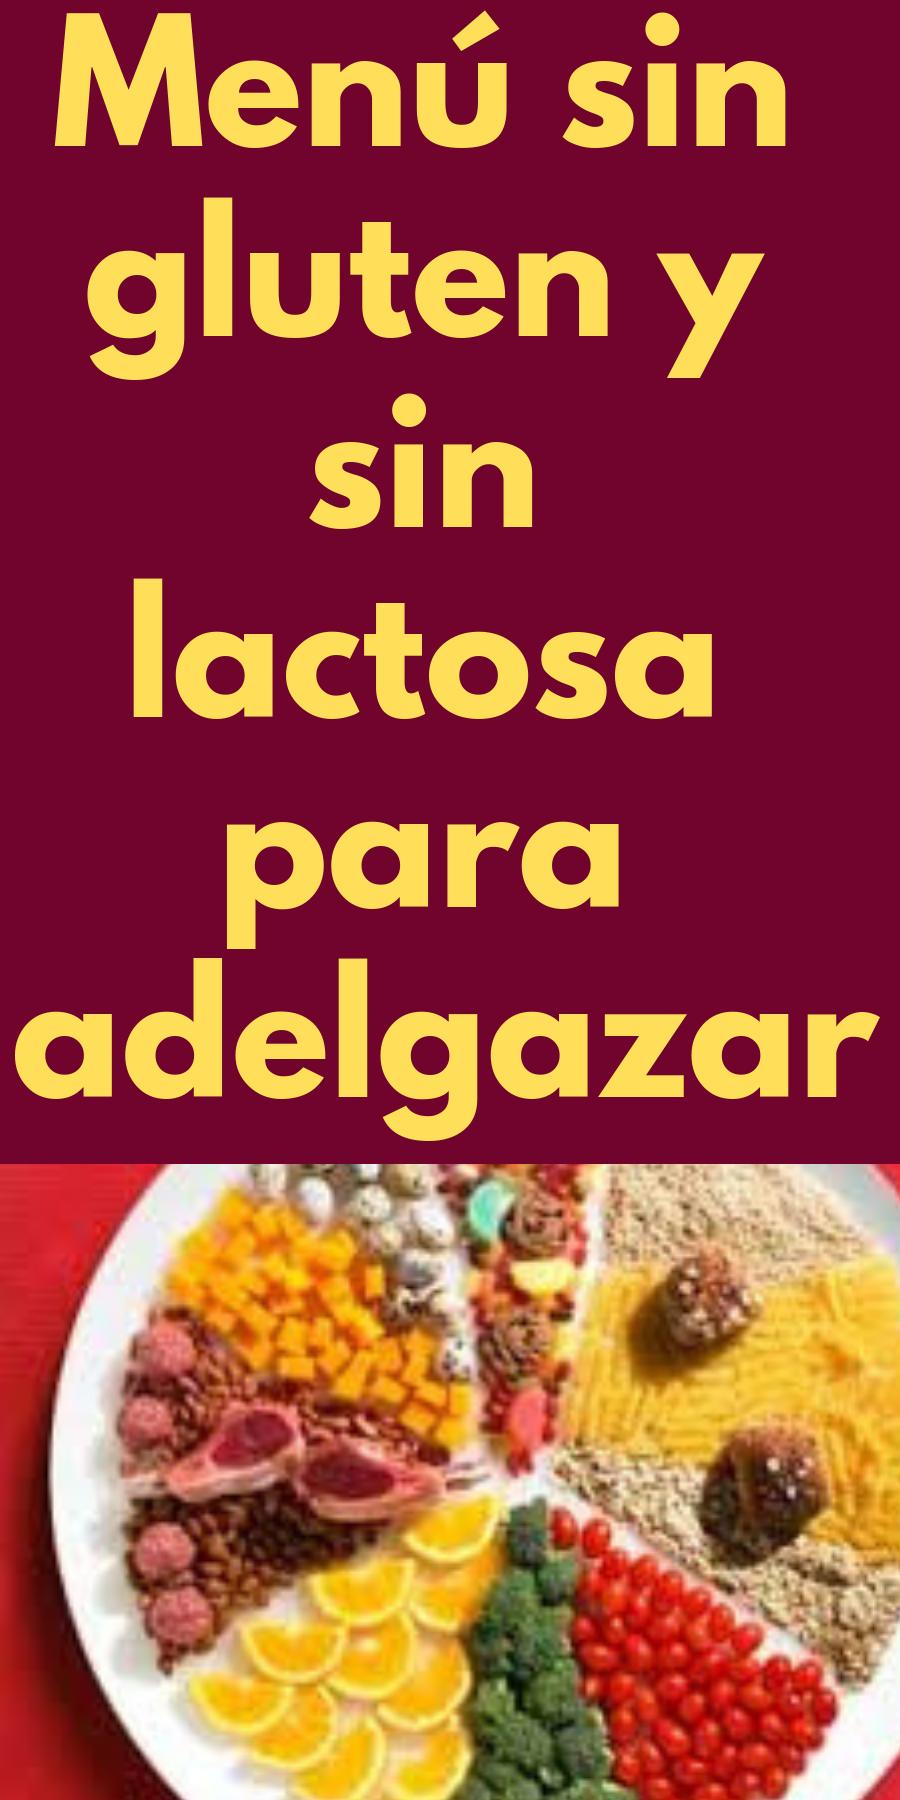 adelgazar con dieta sin lactosa